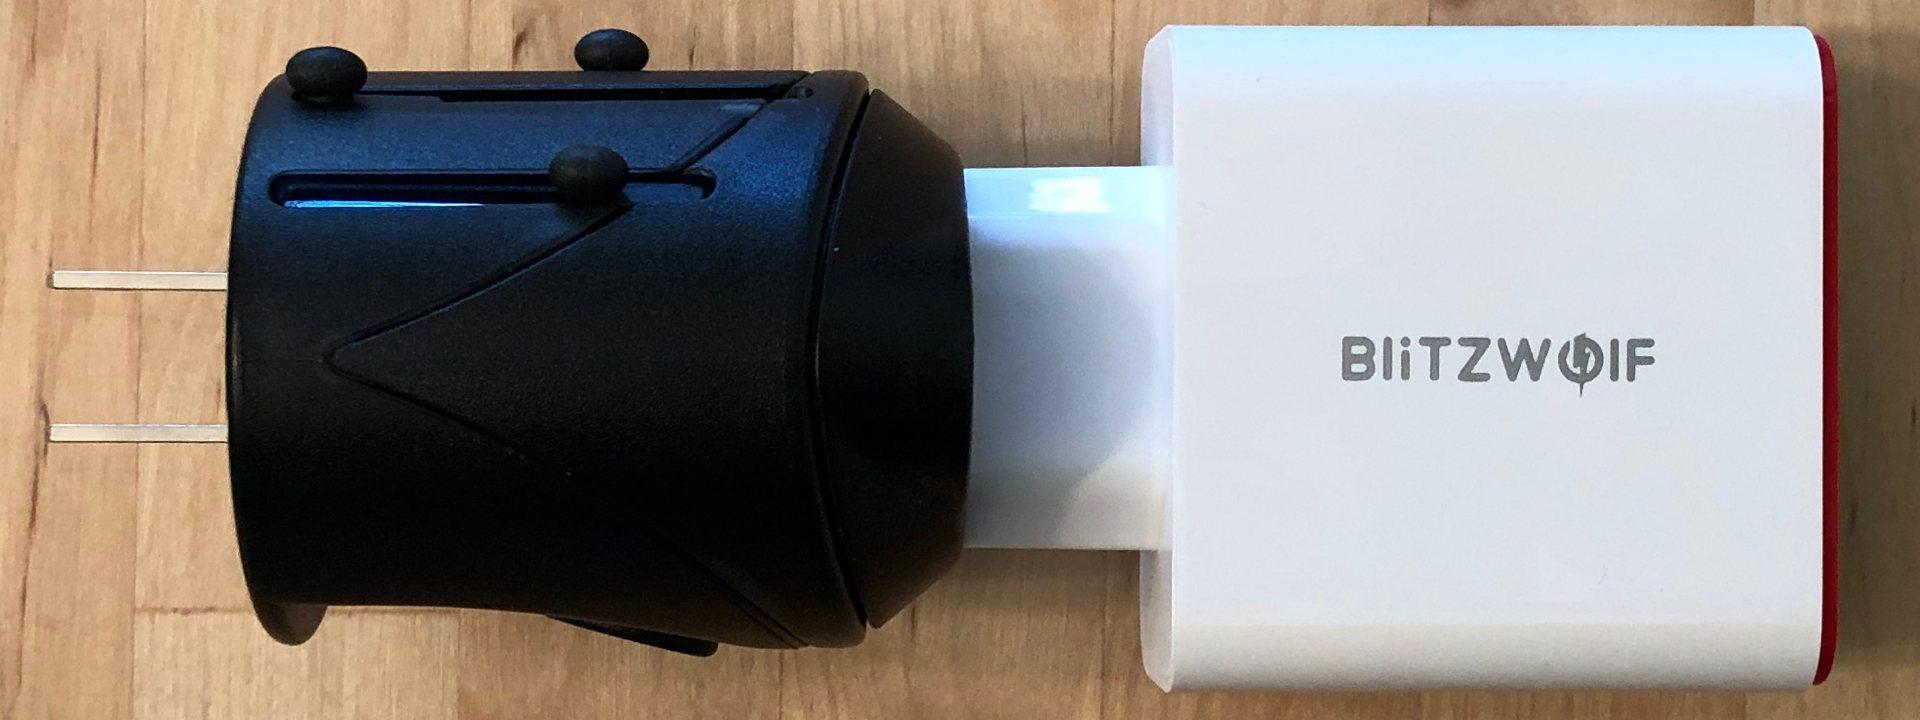 BlitzWolf BW-PL4 con adaptador de enchufe mundial.